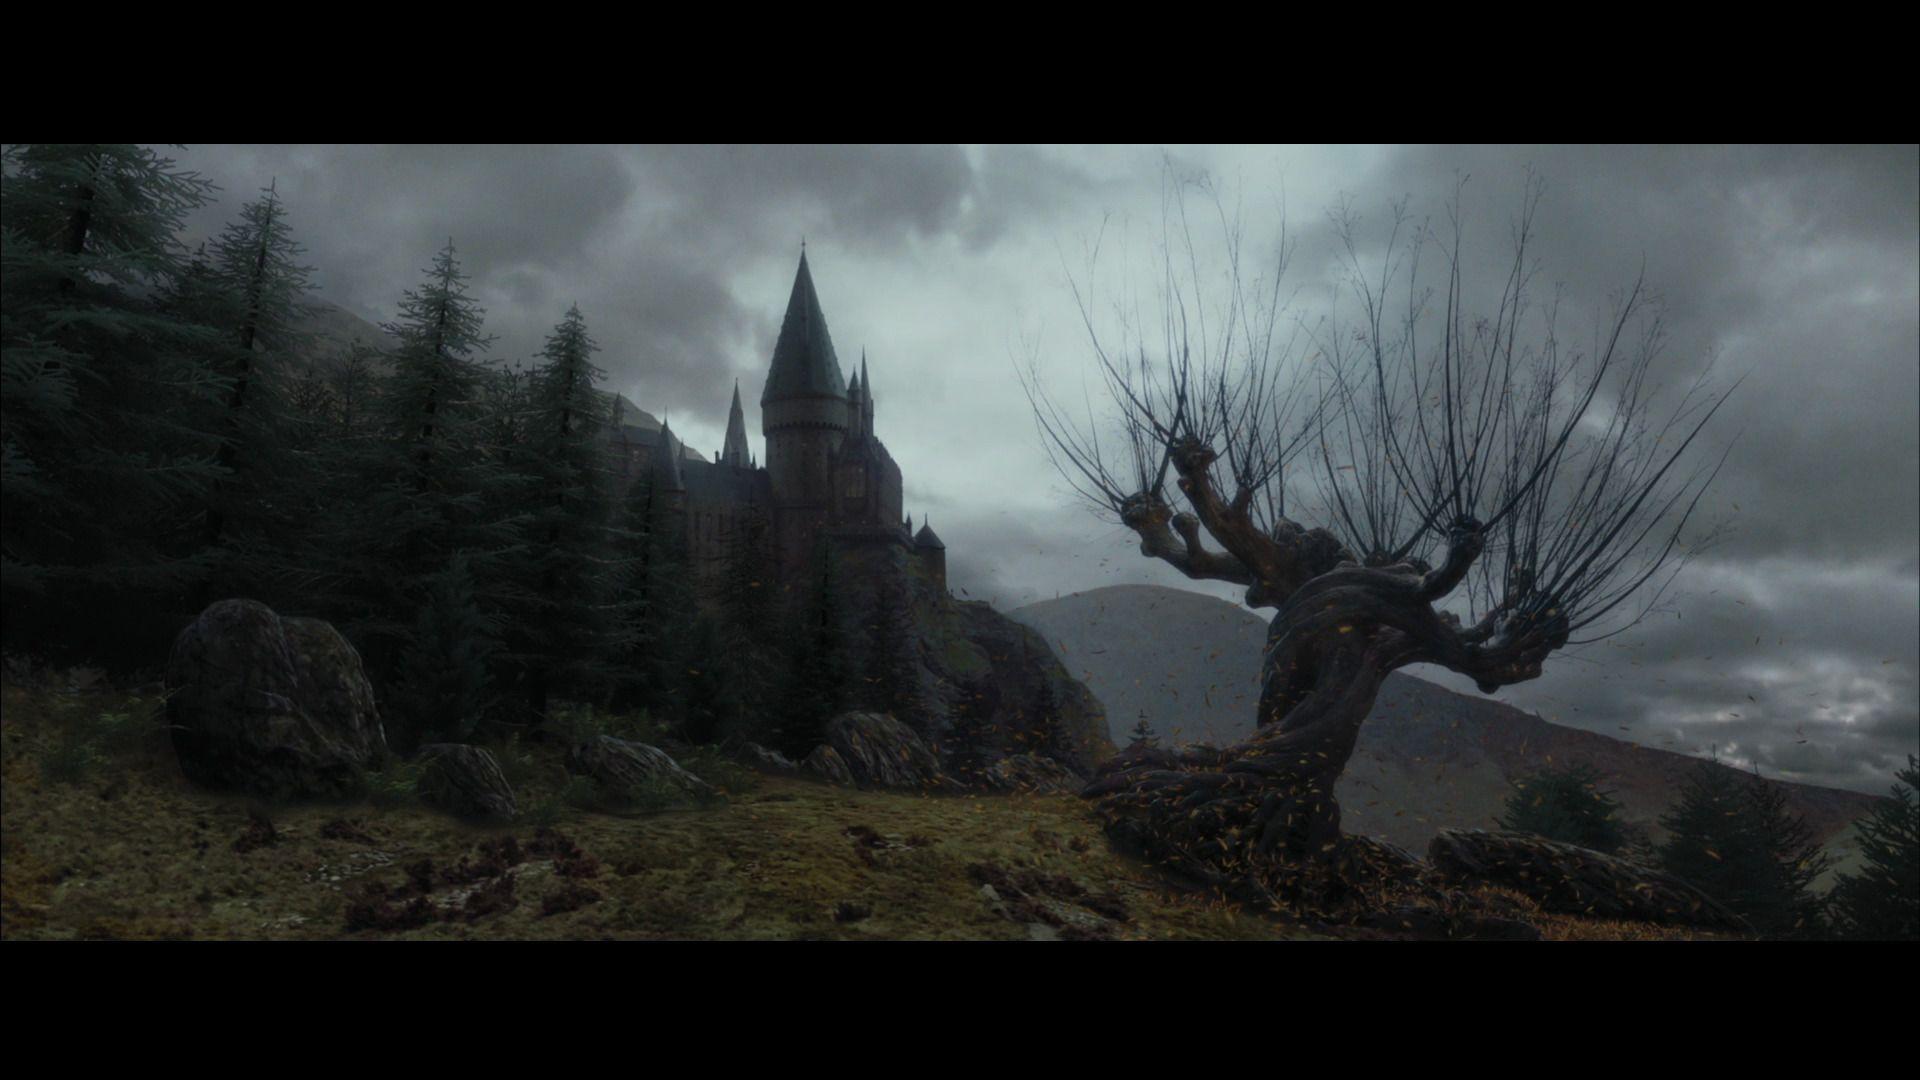 Harry Potter Y El Prisionero De Azkaban Prisoner Of Azkaban Harry Potter Harry Potter Movies